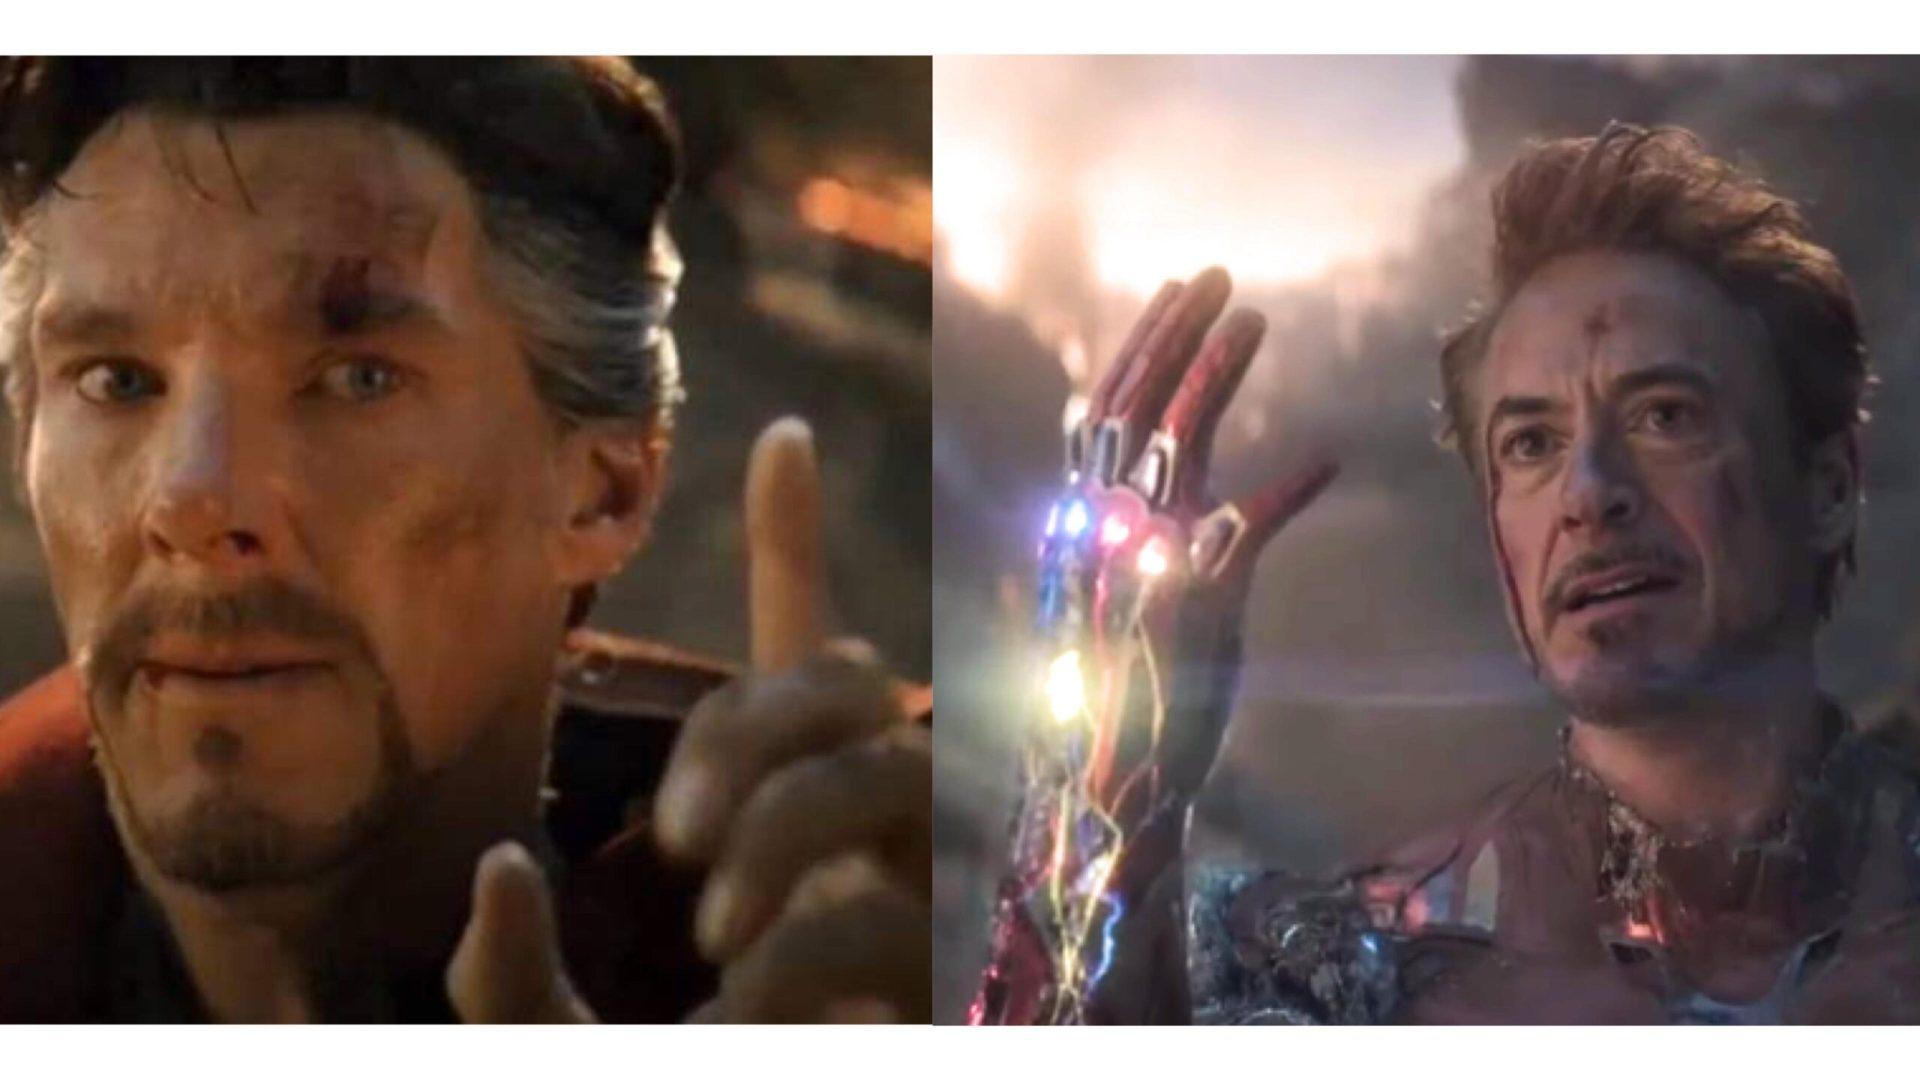 「漫威為何把鋼鐵人寫死?這個犧牲值得嗎?」看完這一篇你會發現,鋼鐵人可以死,但根本沒必要!—《復仇者聯盟4》—我們用電影寫日記